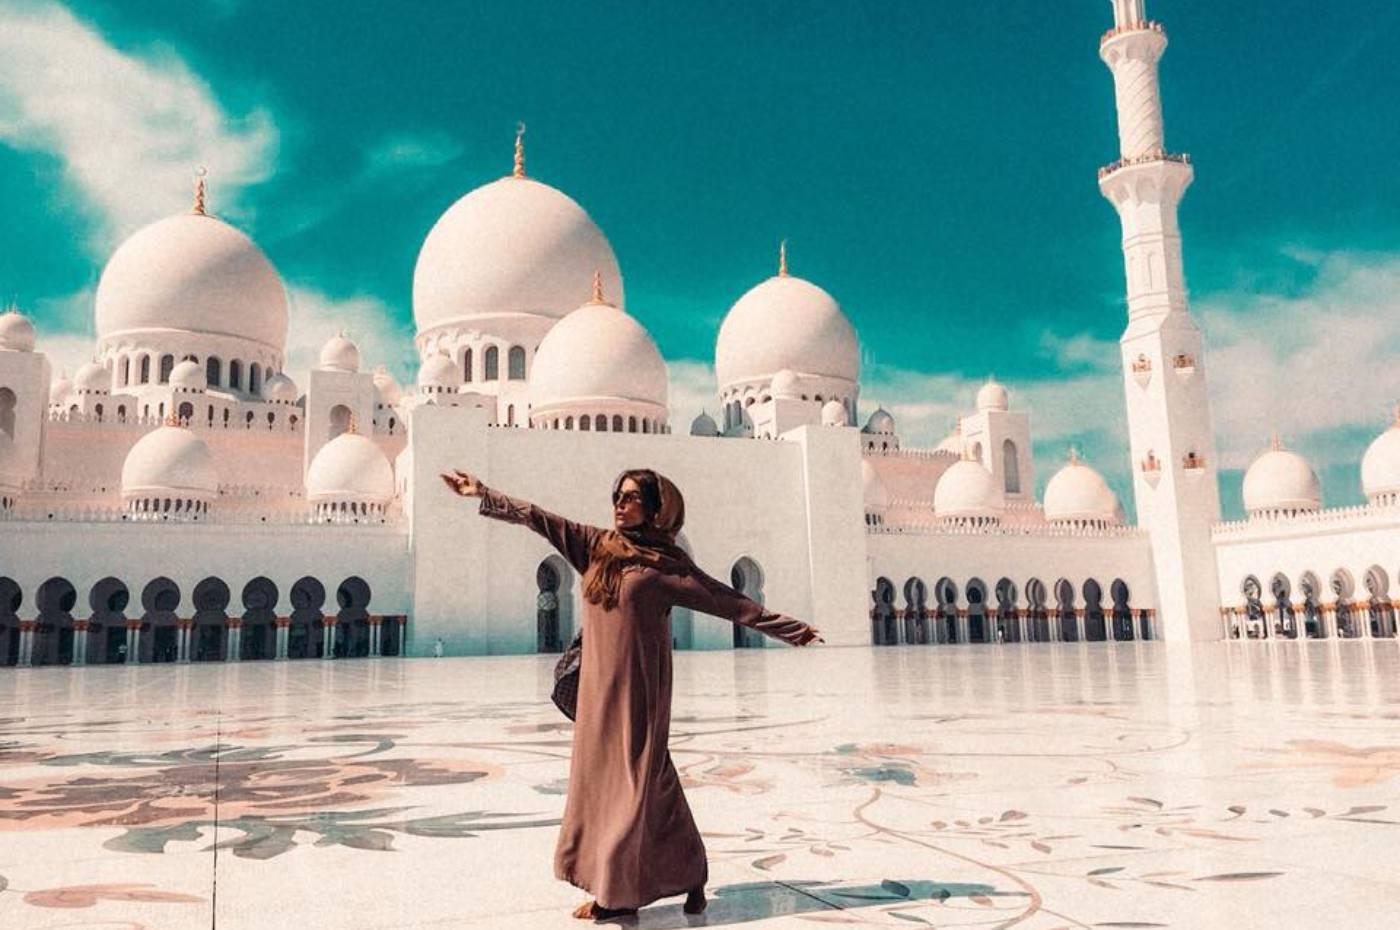 Голямата джамия в Абу Даби през погледа на Есил Дюран